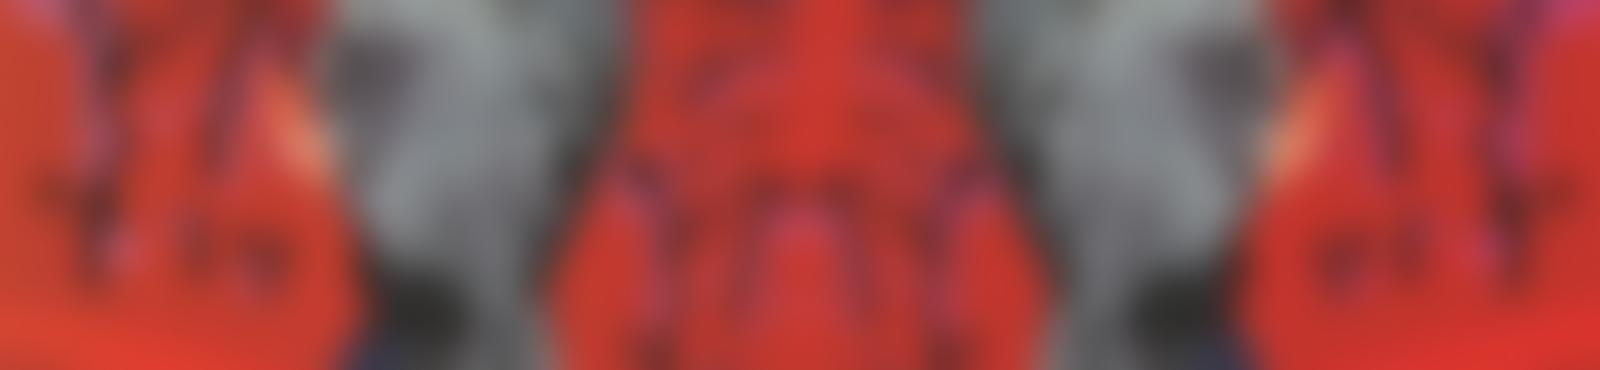 Blurred 0cbf680c 3ba3 4d97 bdb8 9be0a50bd224